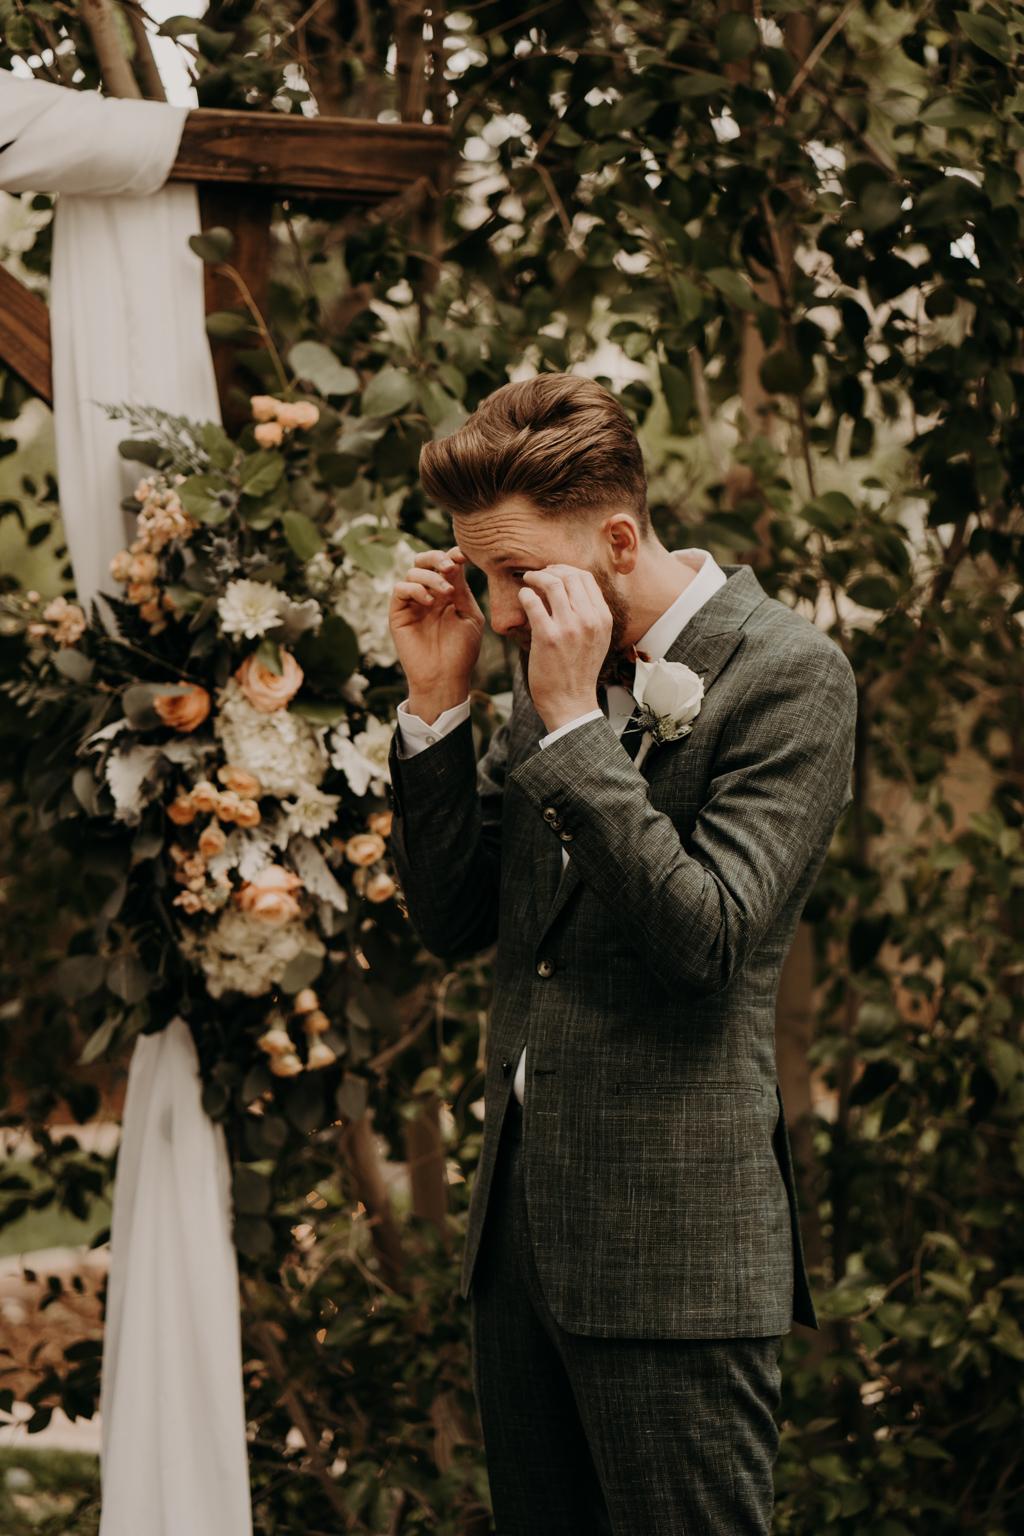 trouweninhetbuitenland_huwelijksfotografie_roxannedankers-20.jpg